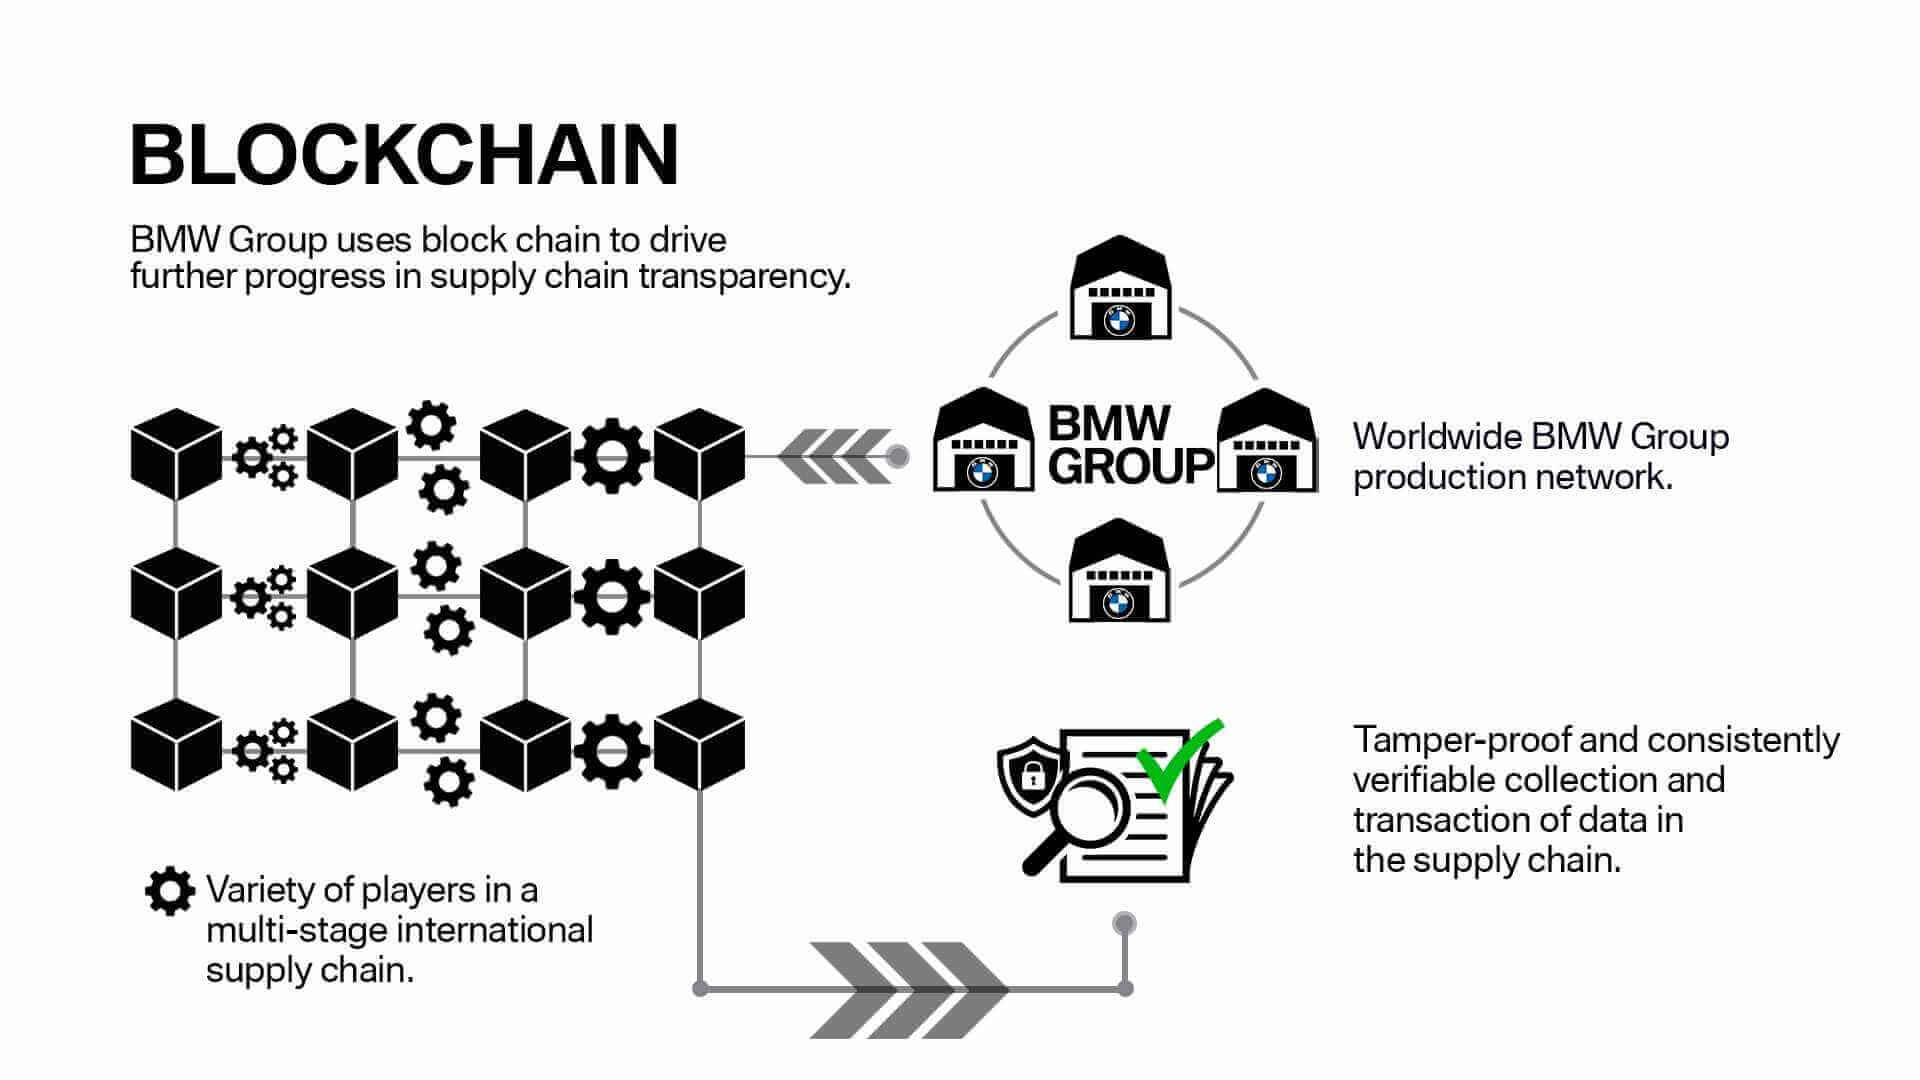 تستخدم مجموعة BMW Blockchain لتعزيز شفافية سلسلة التوريد